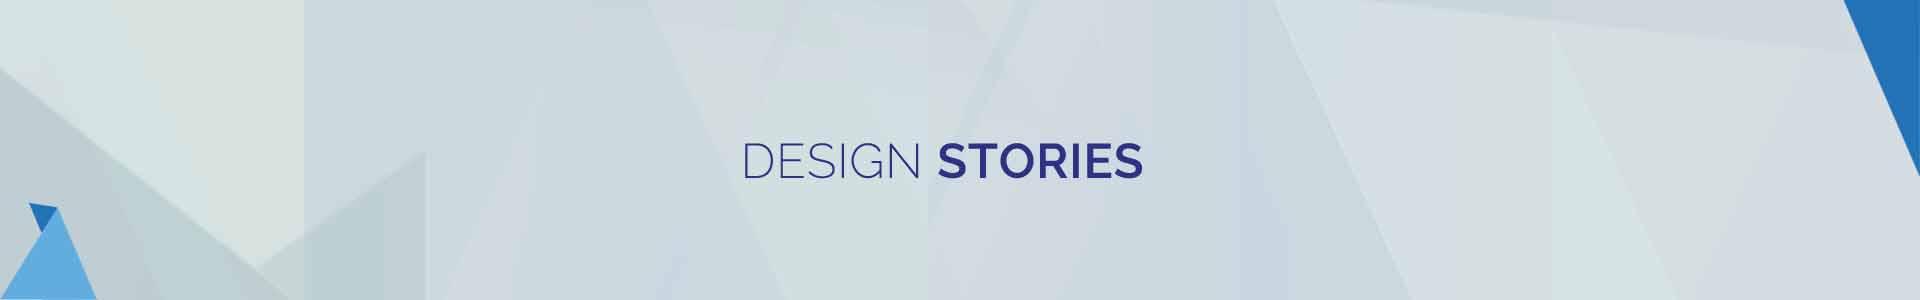 design-stories-banner